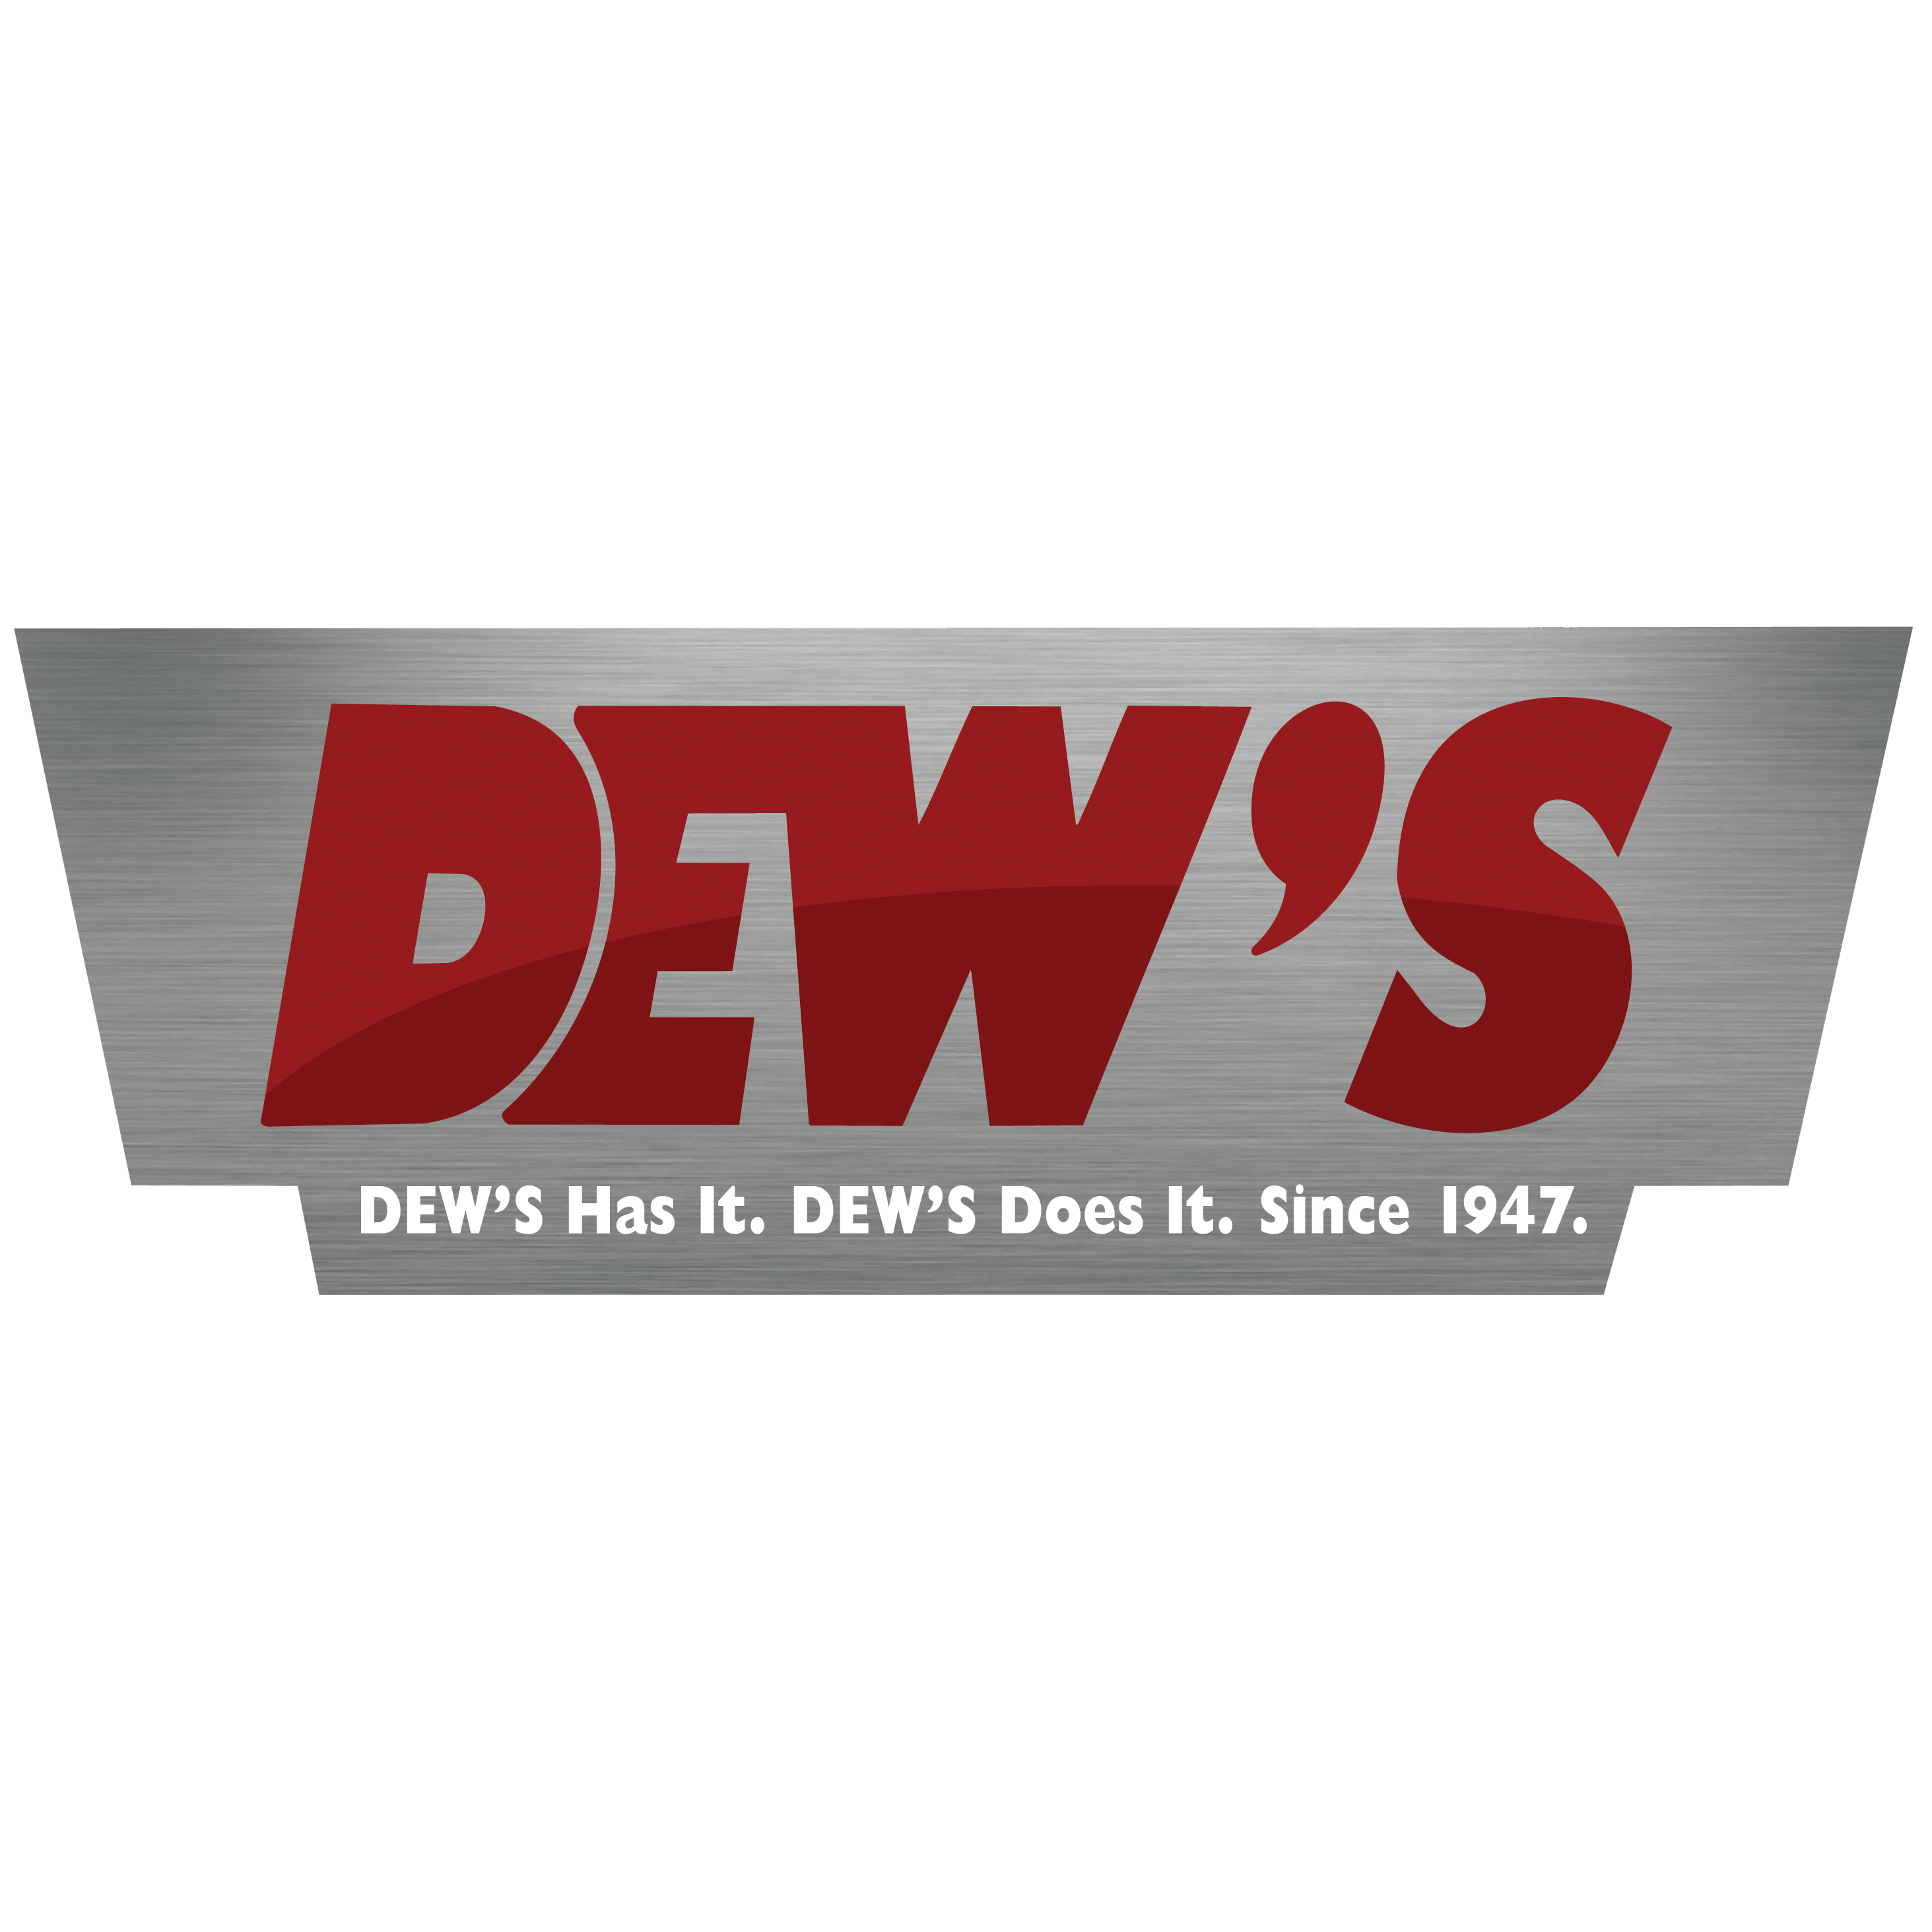 Dew's